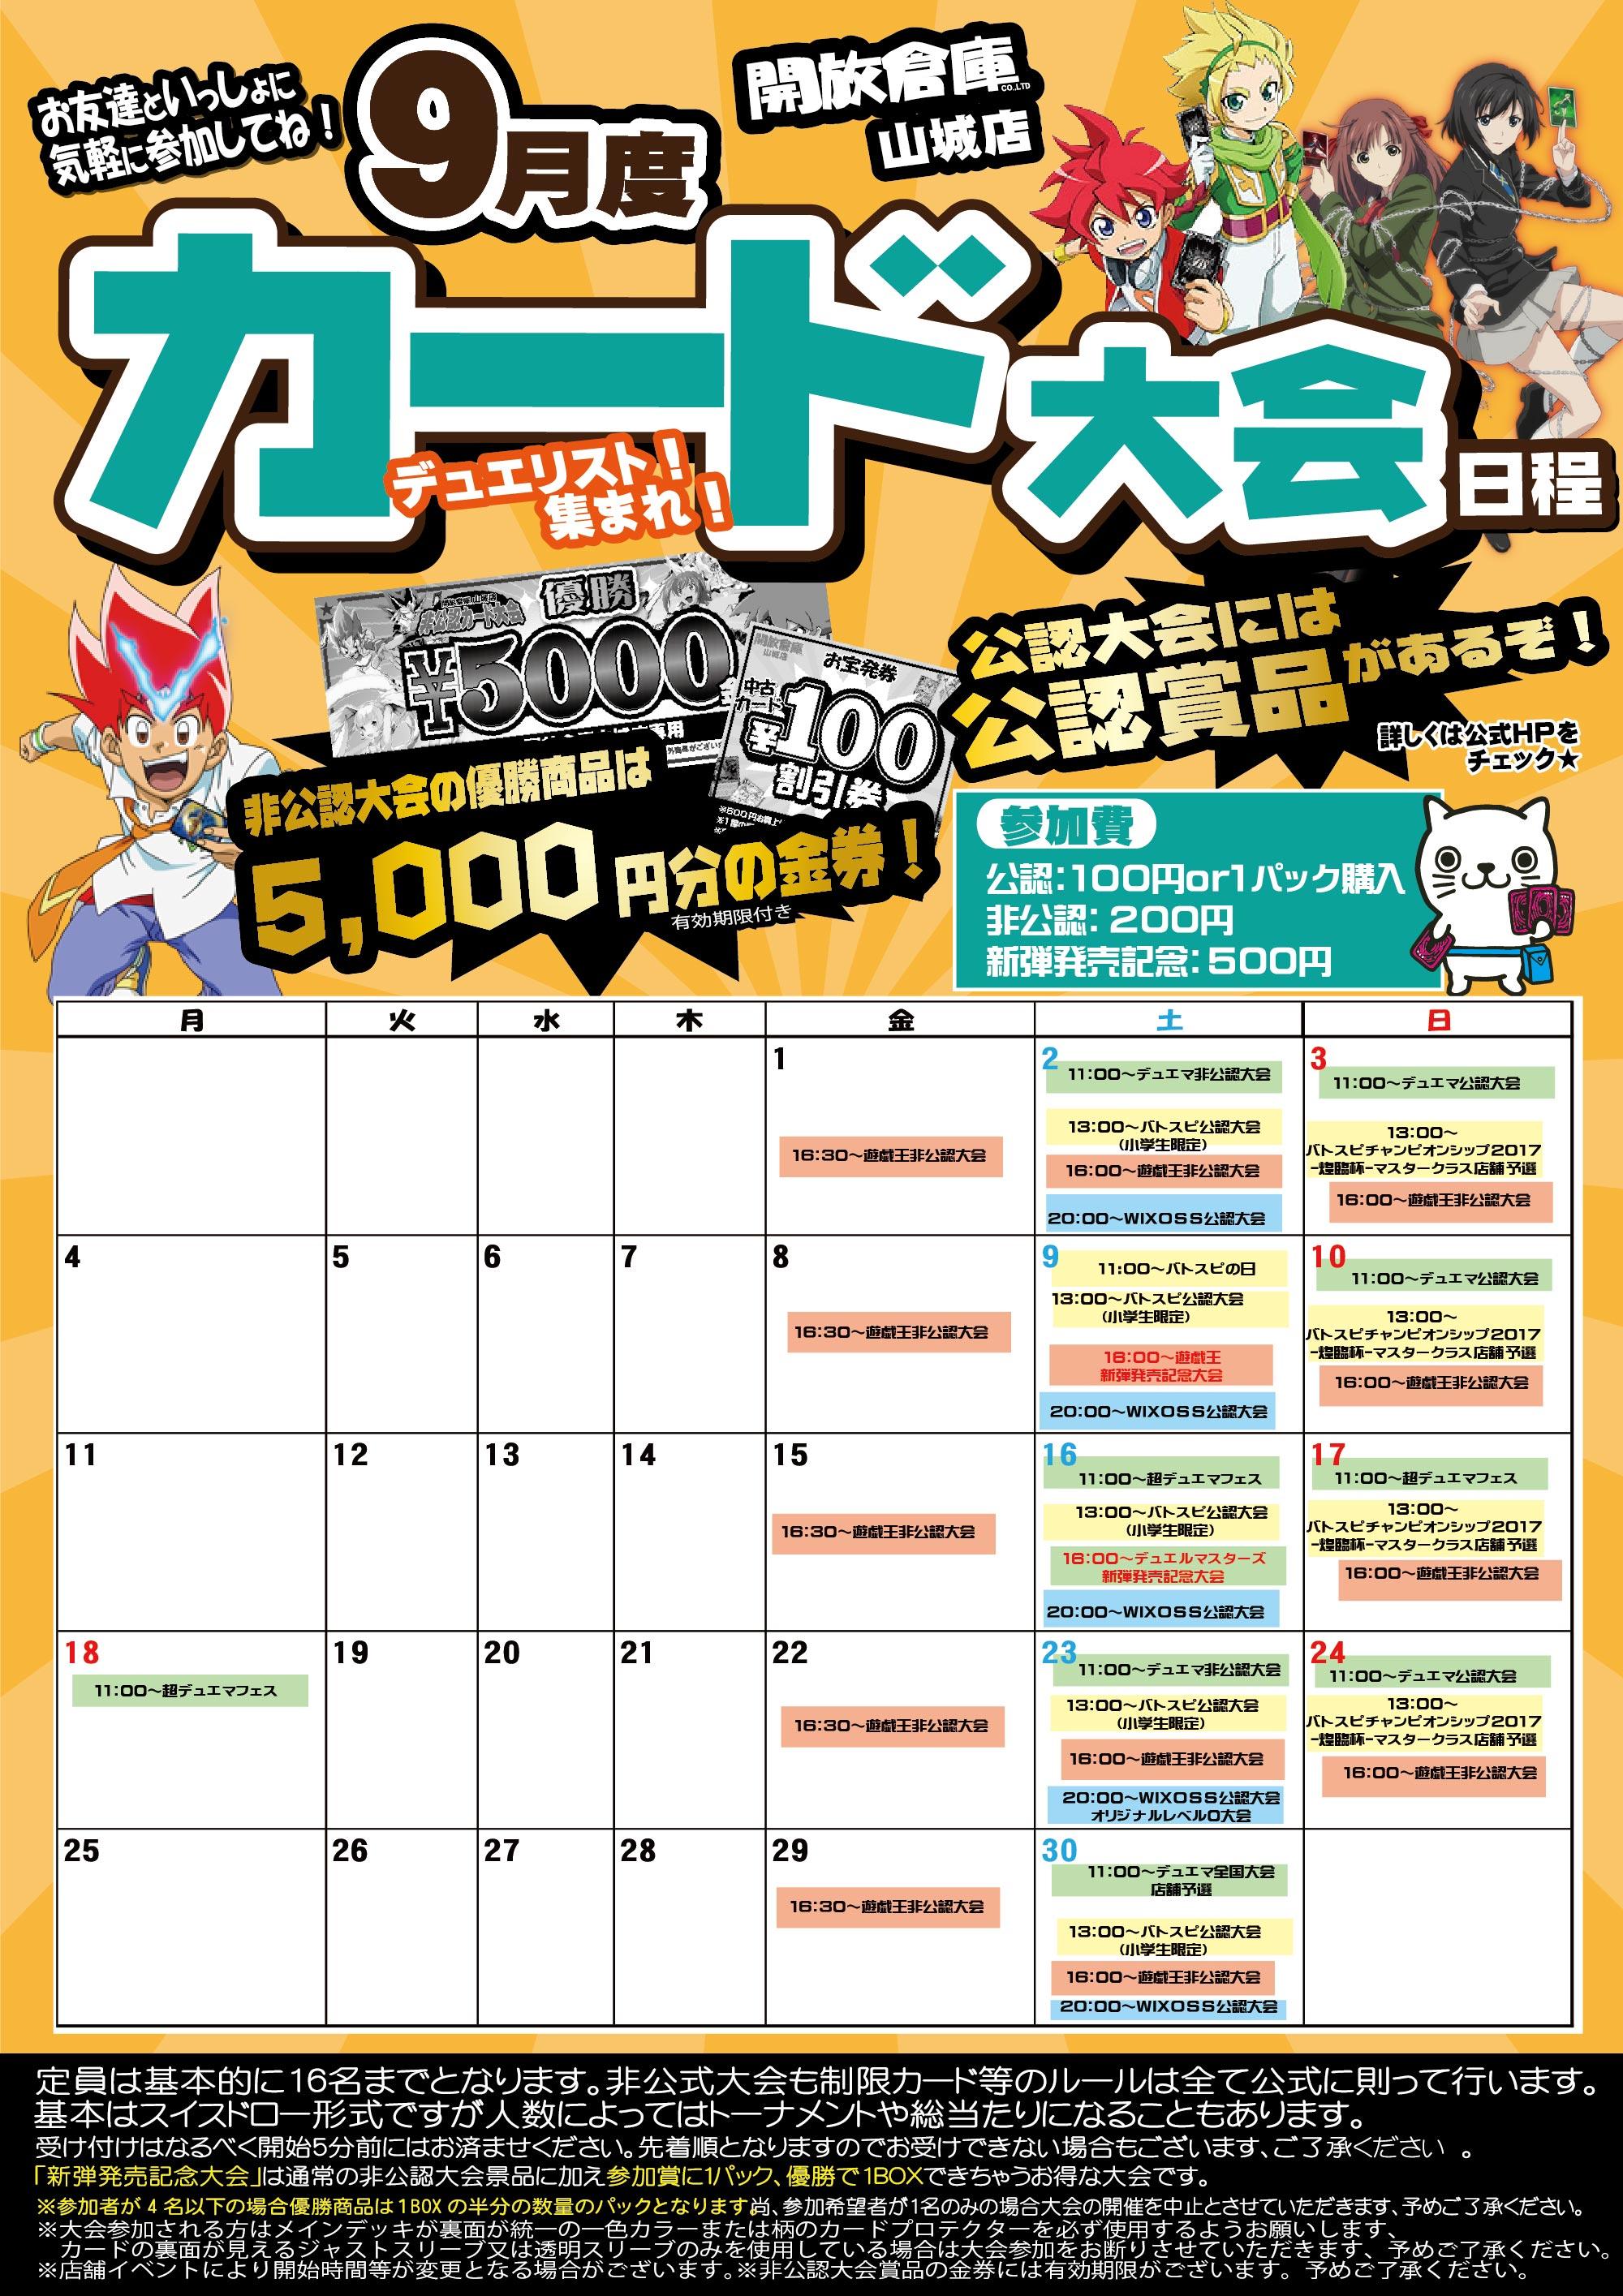 「開放倉庫山城店」2017年9月度カード大会日程を更新しました!